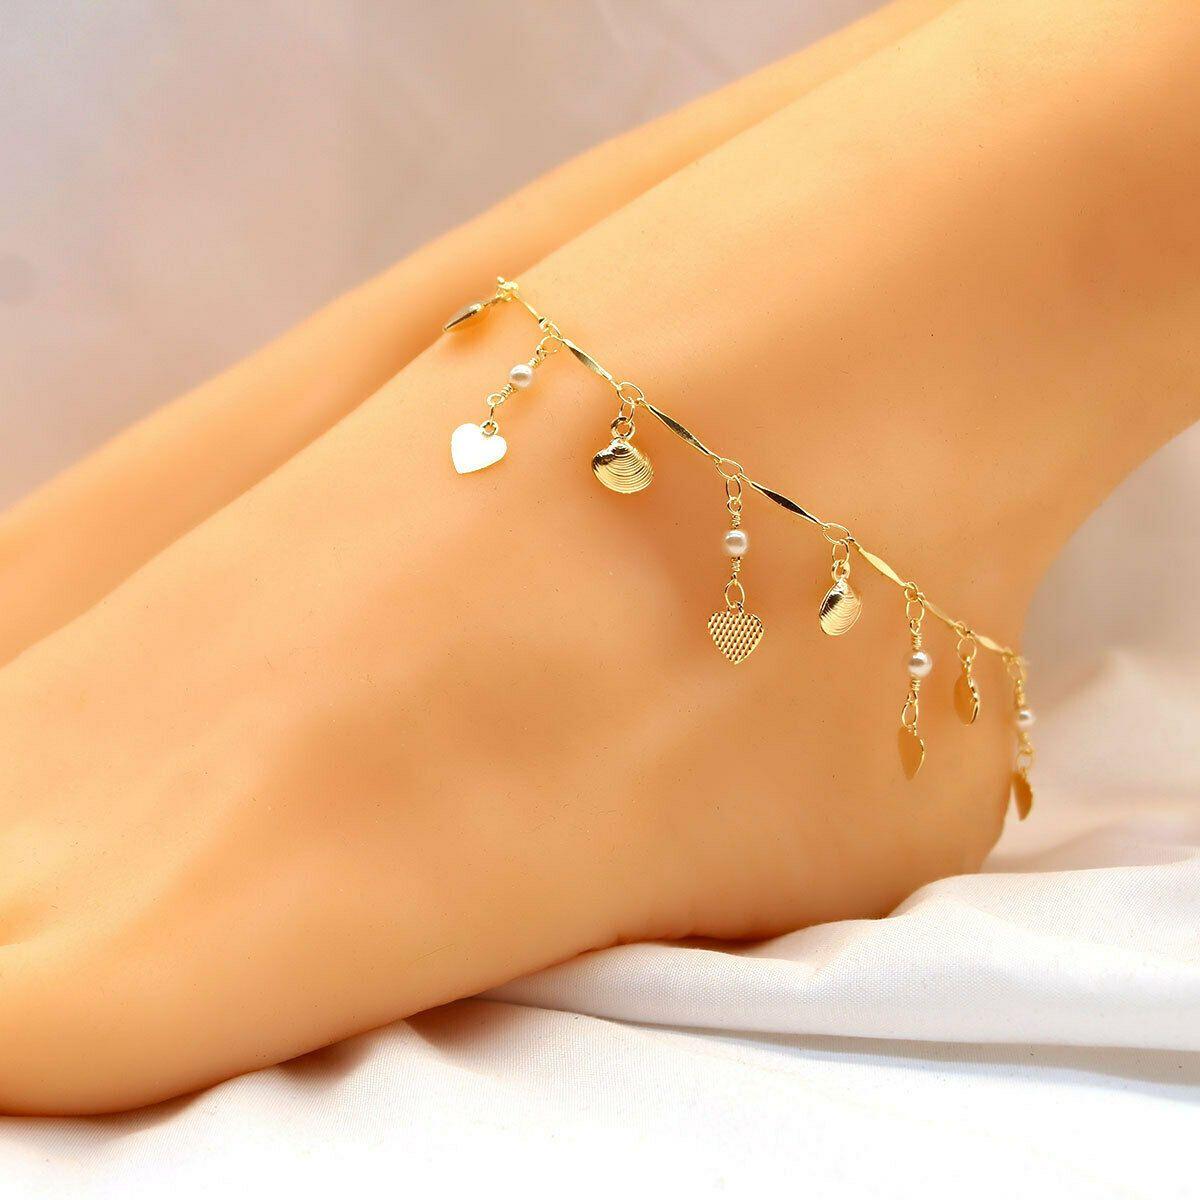 Infinite love gold necklace bracelet or anklet